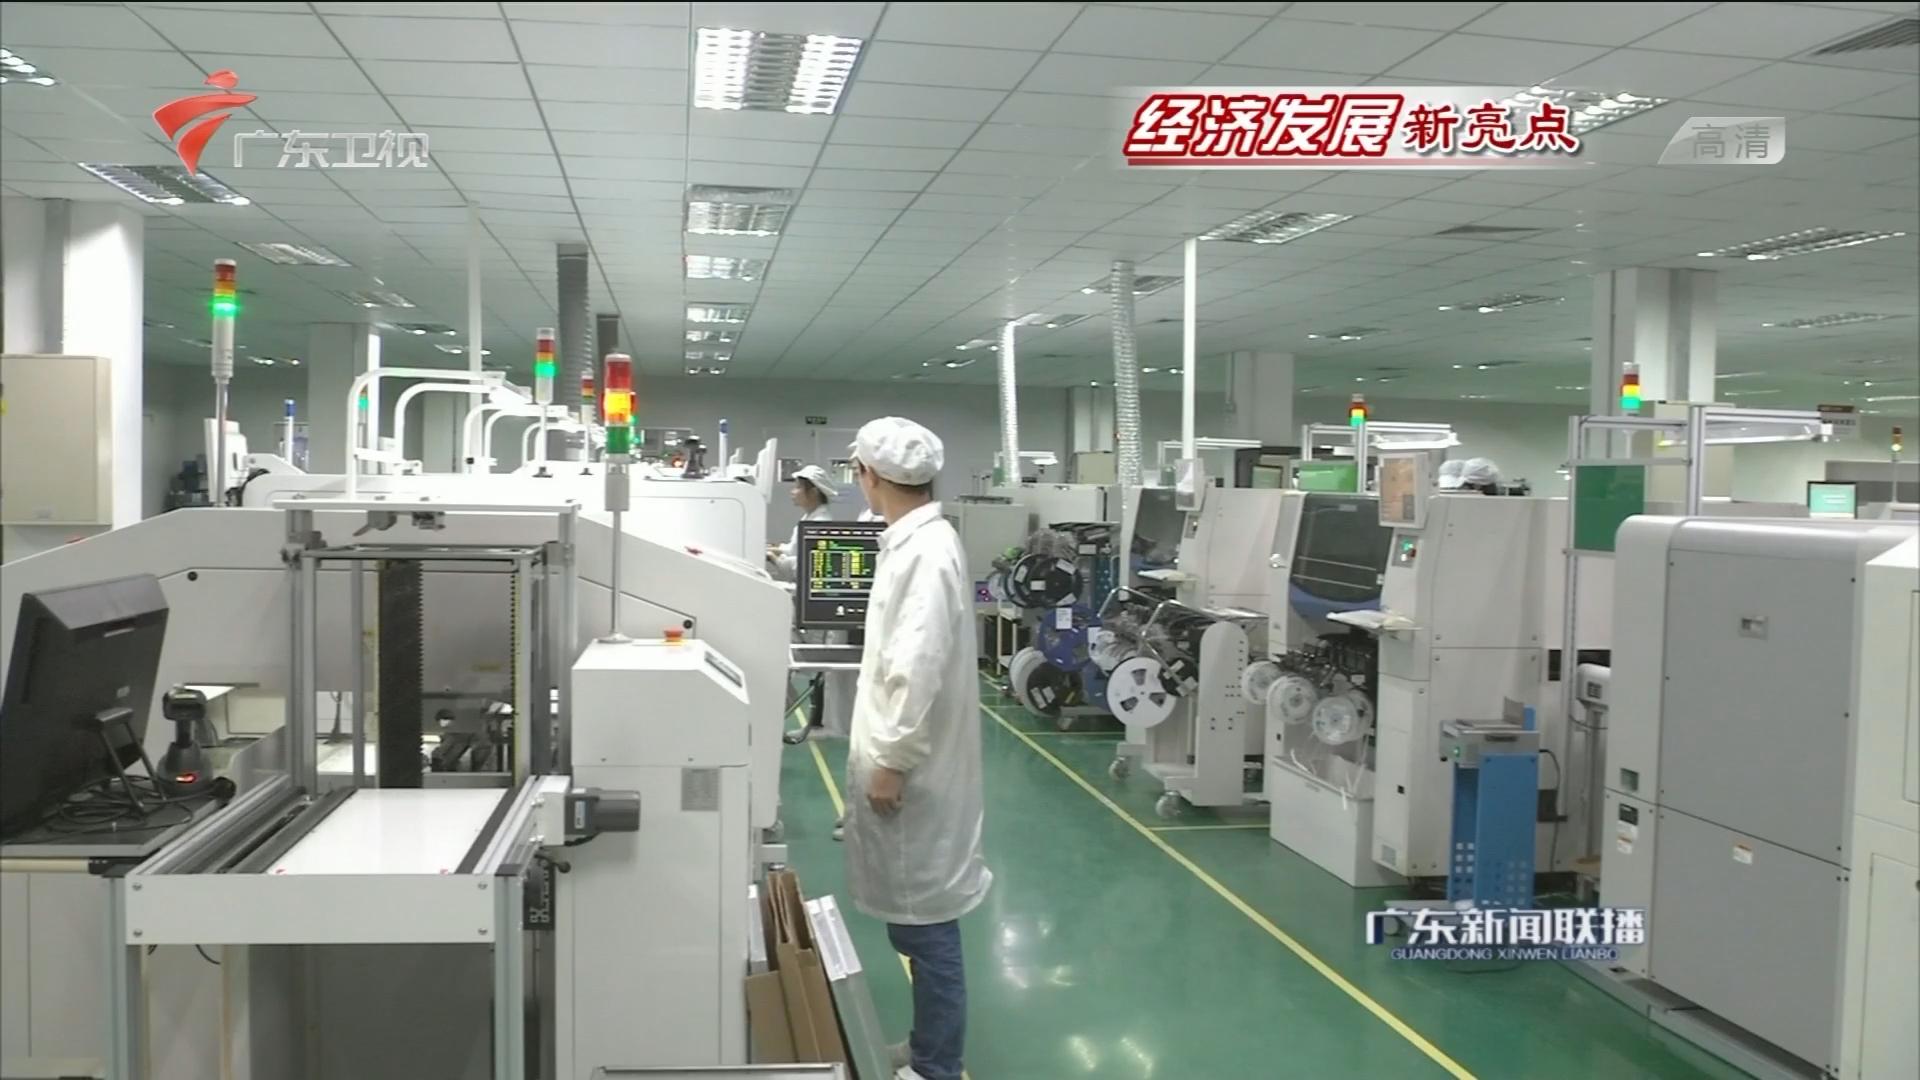 """東莞:加工貿易轉型升級  實現""""華麗轉身"""""""